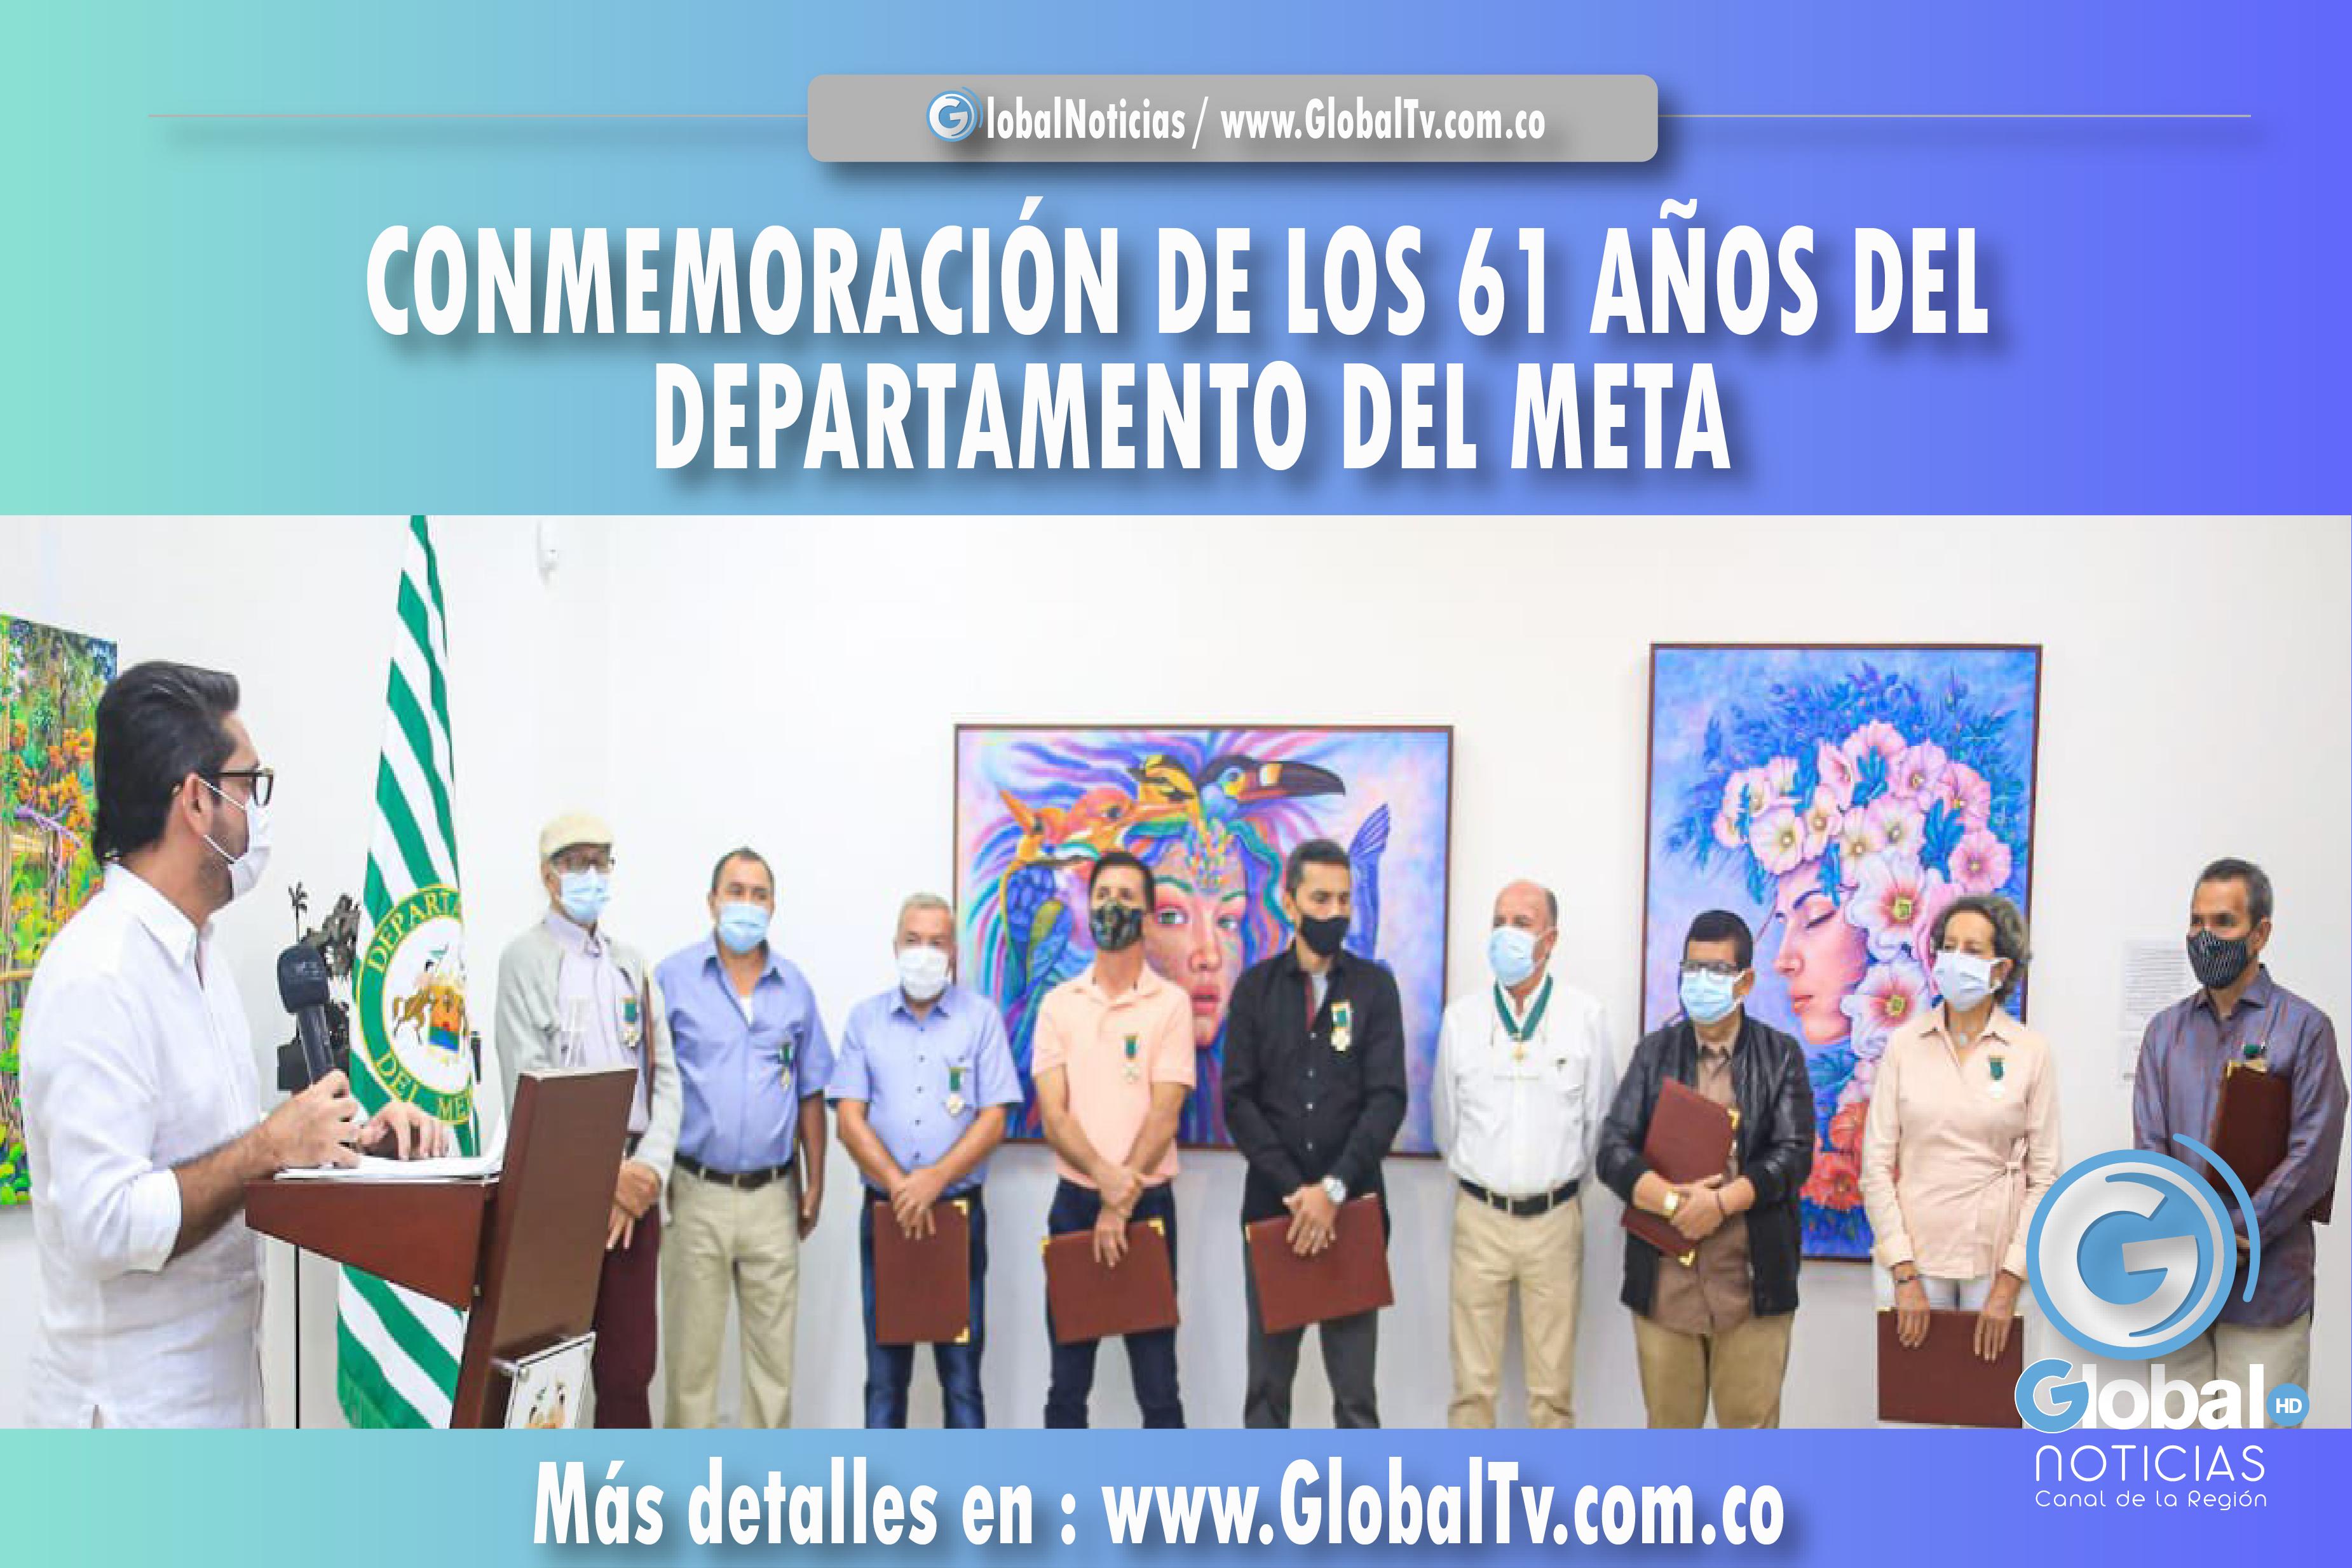 CONMEMORACIÓN DE LOS 61 AÑOS DEL DEPARTAMENTO DEL META